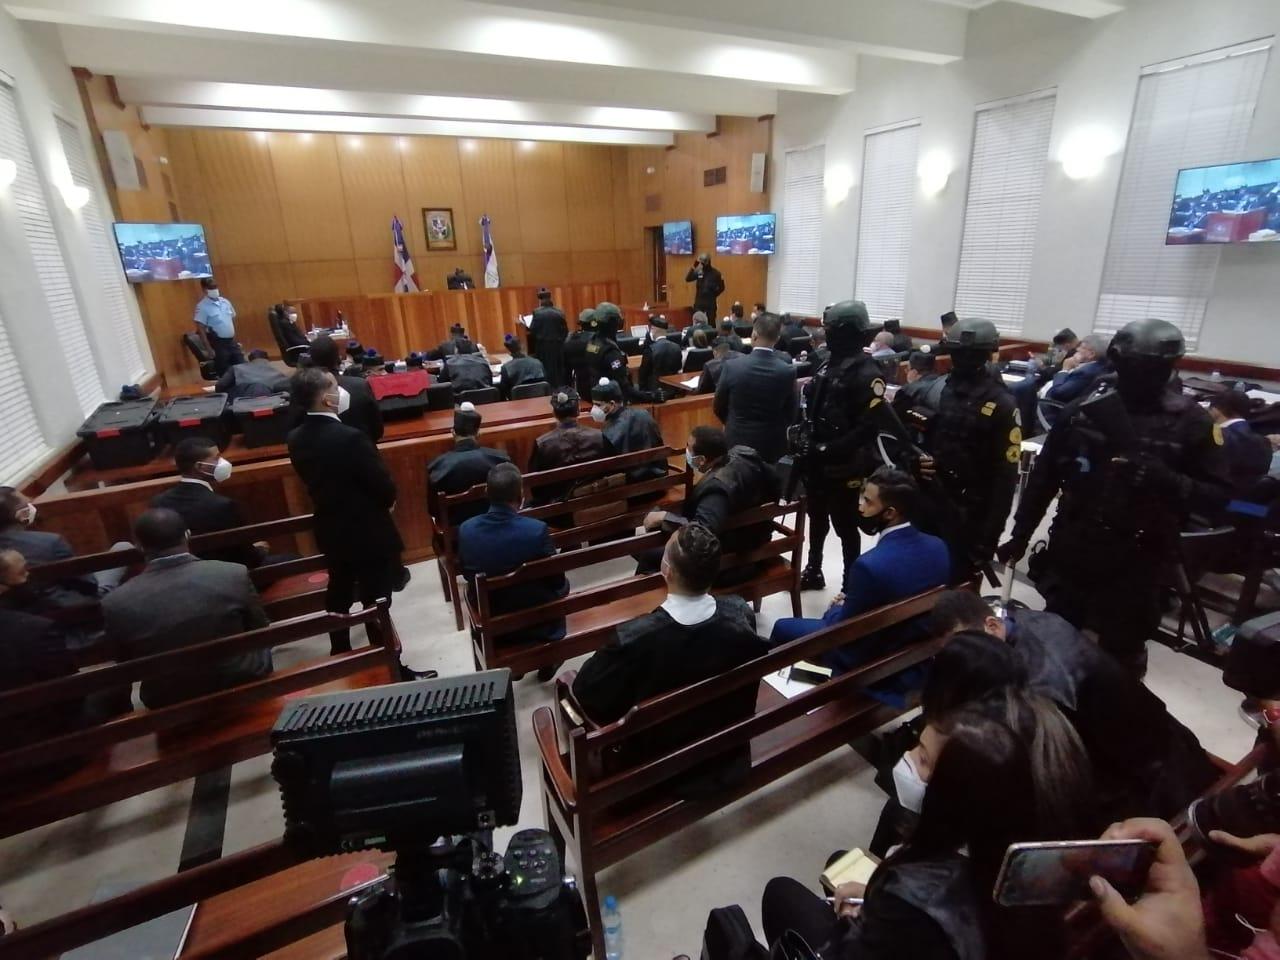 Juez de la instrucción fusiona expediente del imputado Wacal Vernavel Méndez  con el de los primeros 10 detenidos